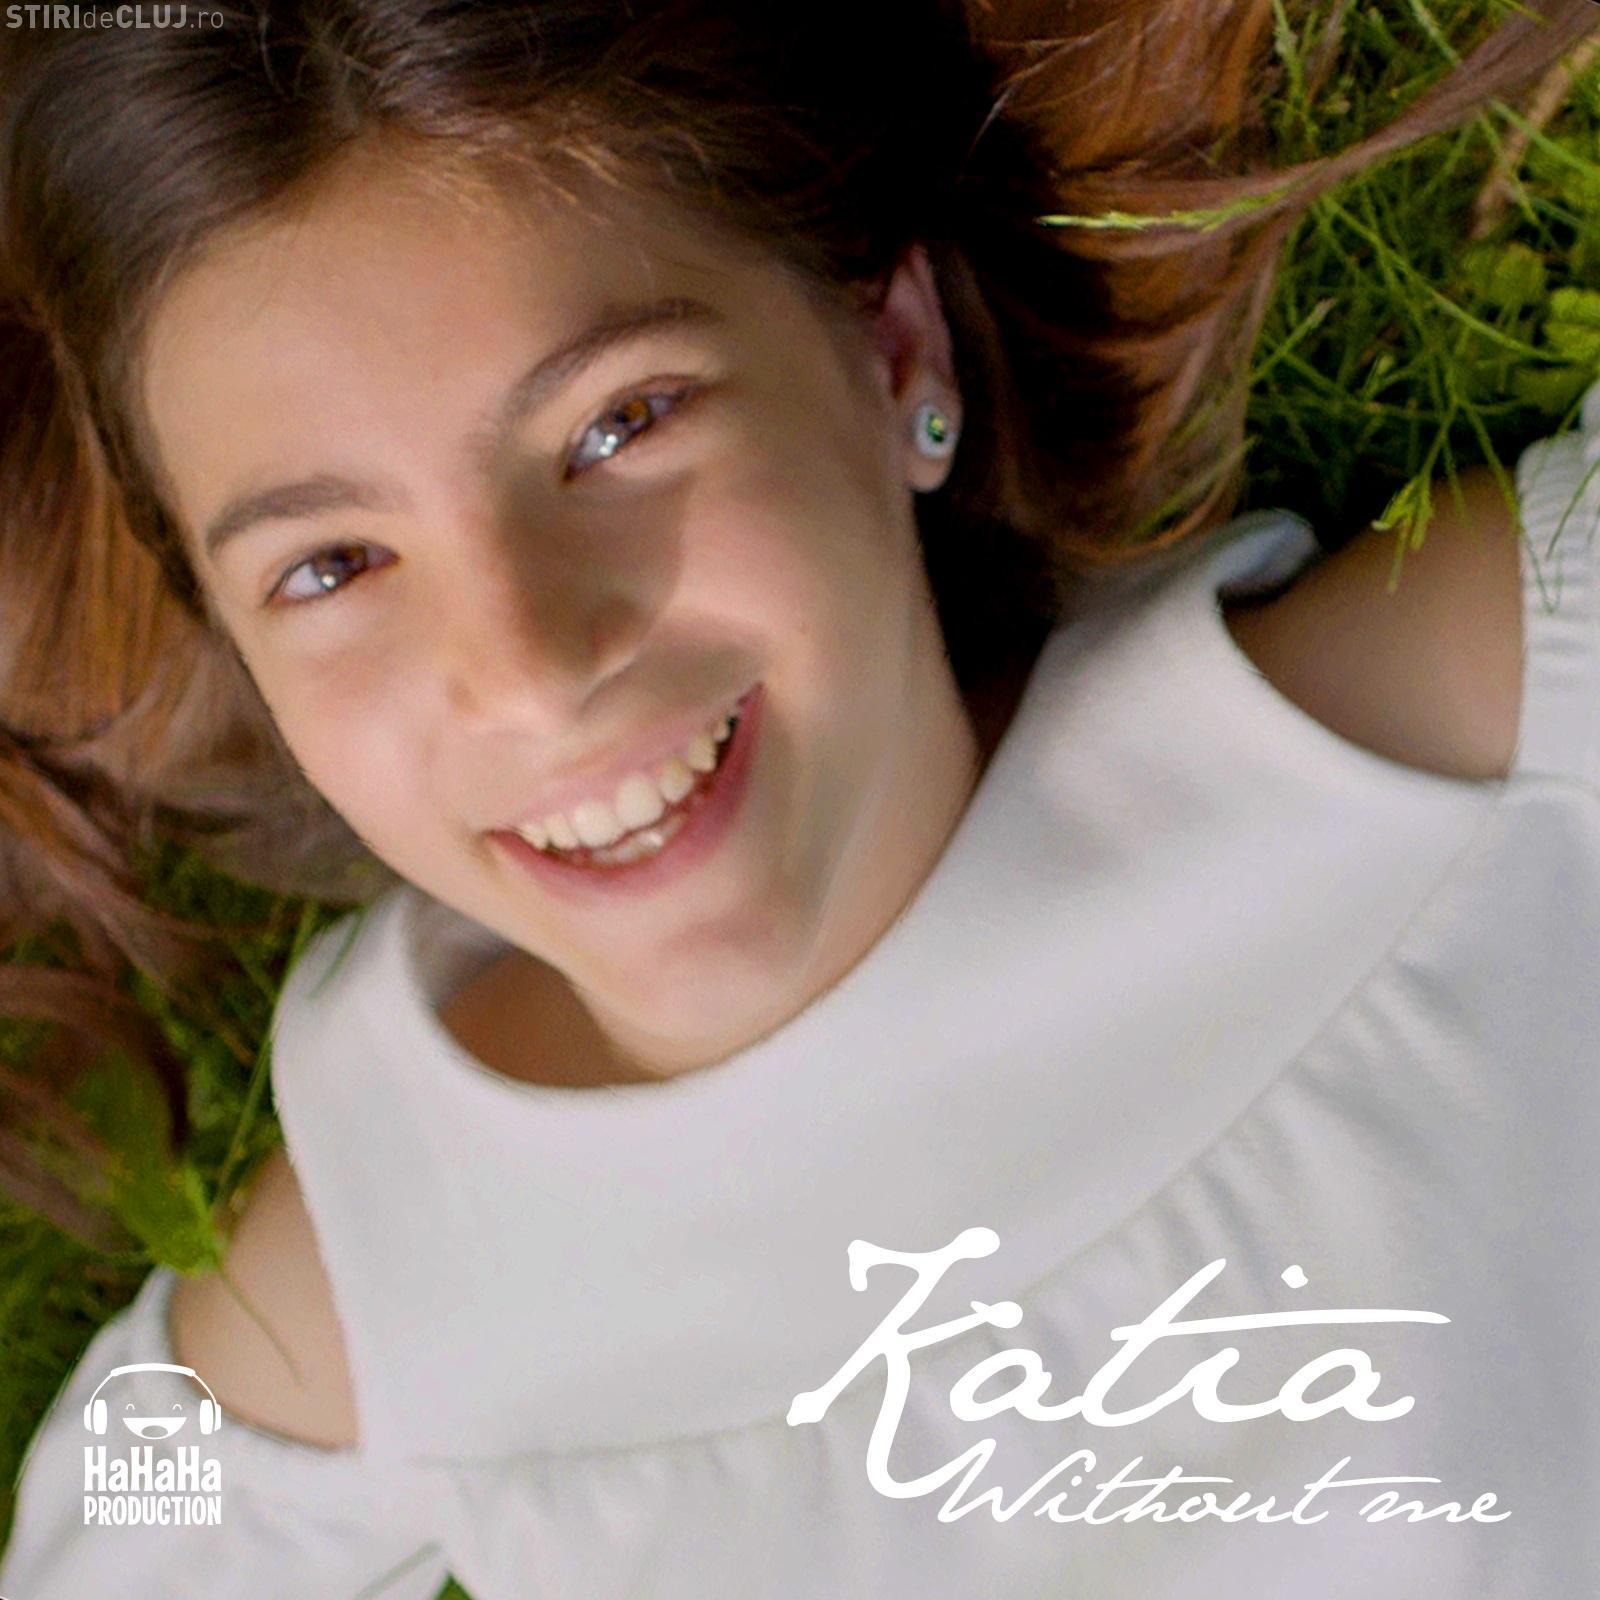 Cluj: Katia și-a lansat prima piesă. Cea mai tânără voce HaHaHa Production compune și UIMEȘTE - VIDEO